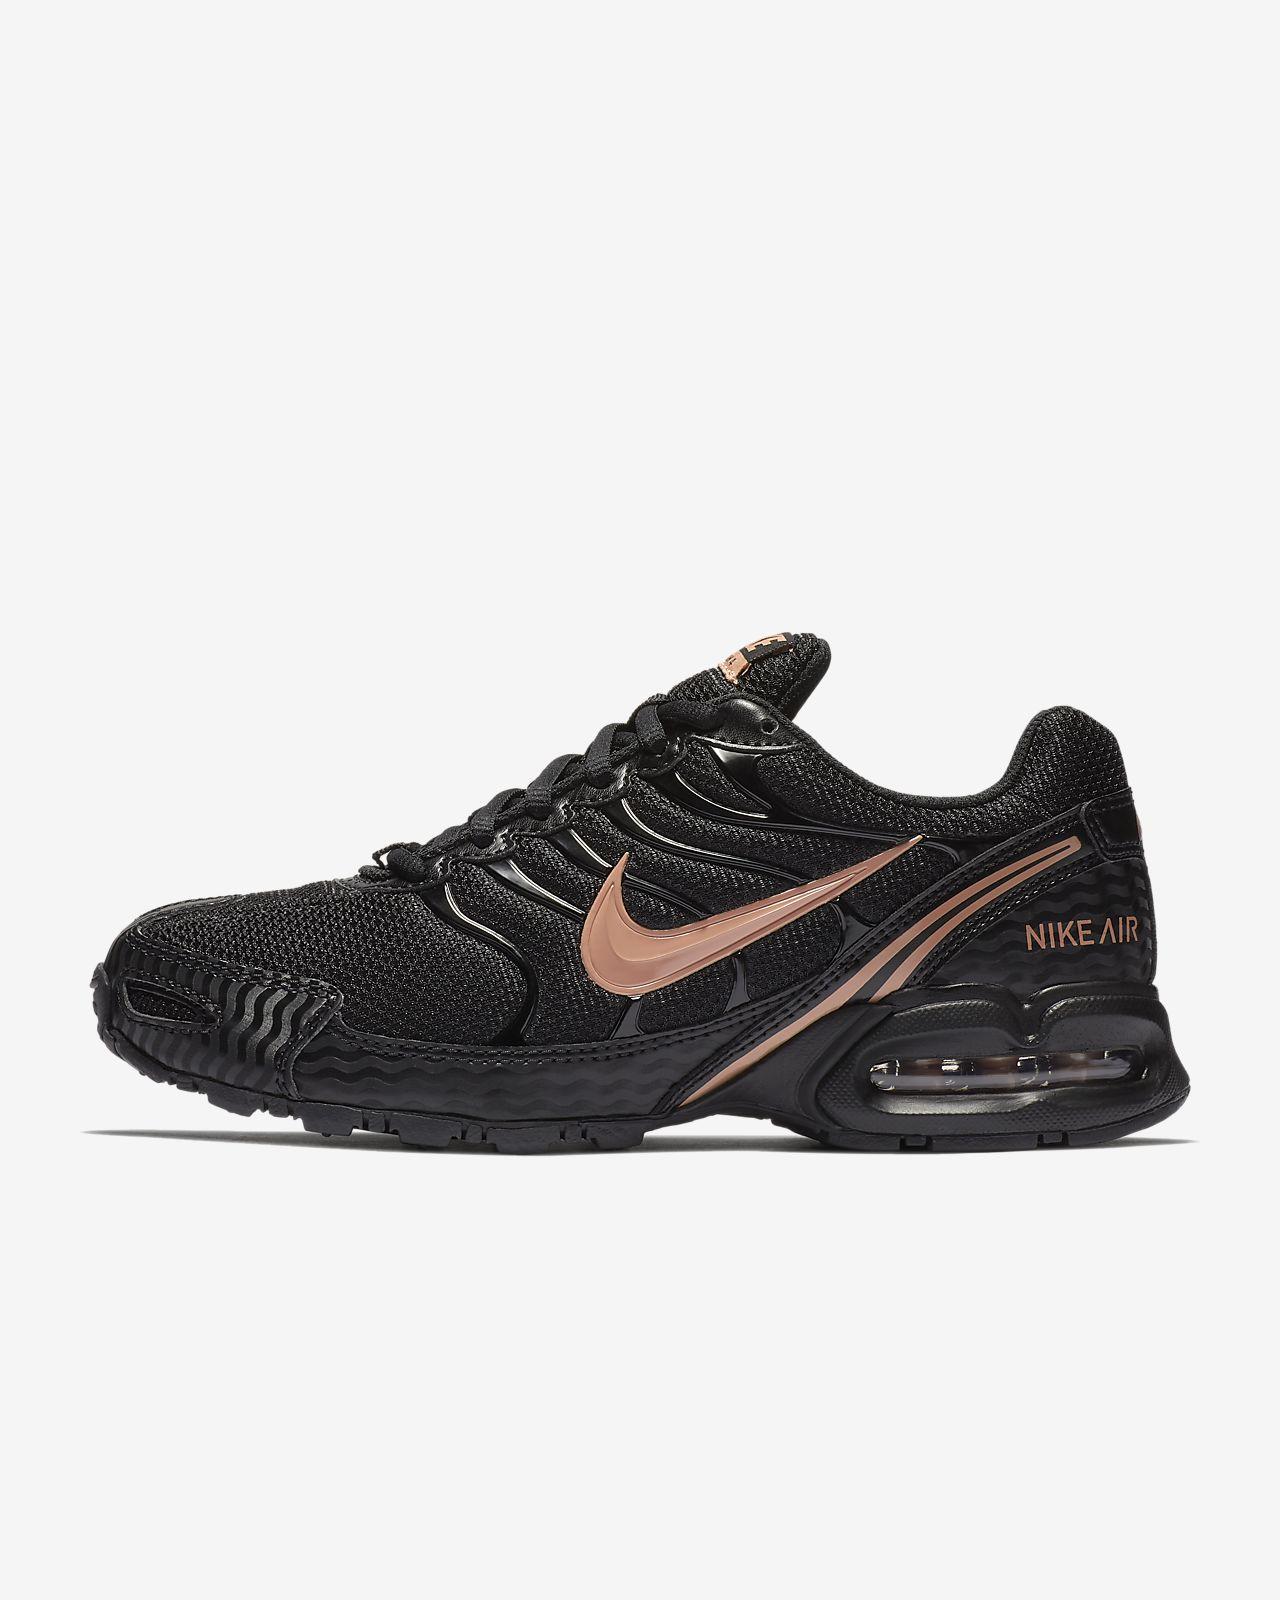 Nike Air Max Torch 4 Hardloopschoen voor dames